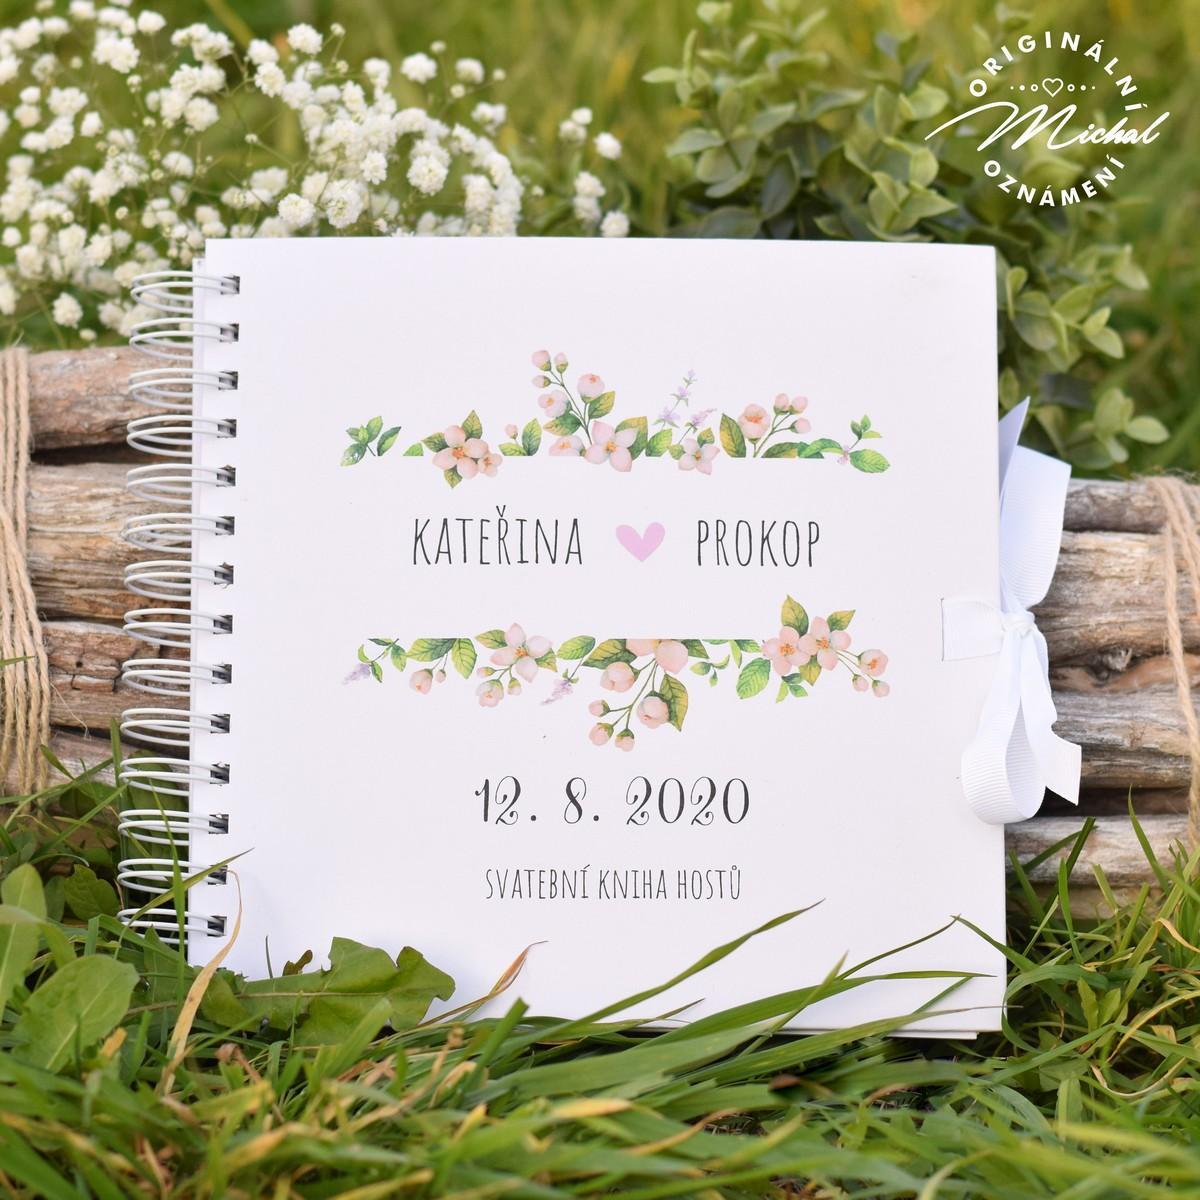 Svatební kniha hostů - pevné knižní desky - 4 - Obrázek č. 1